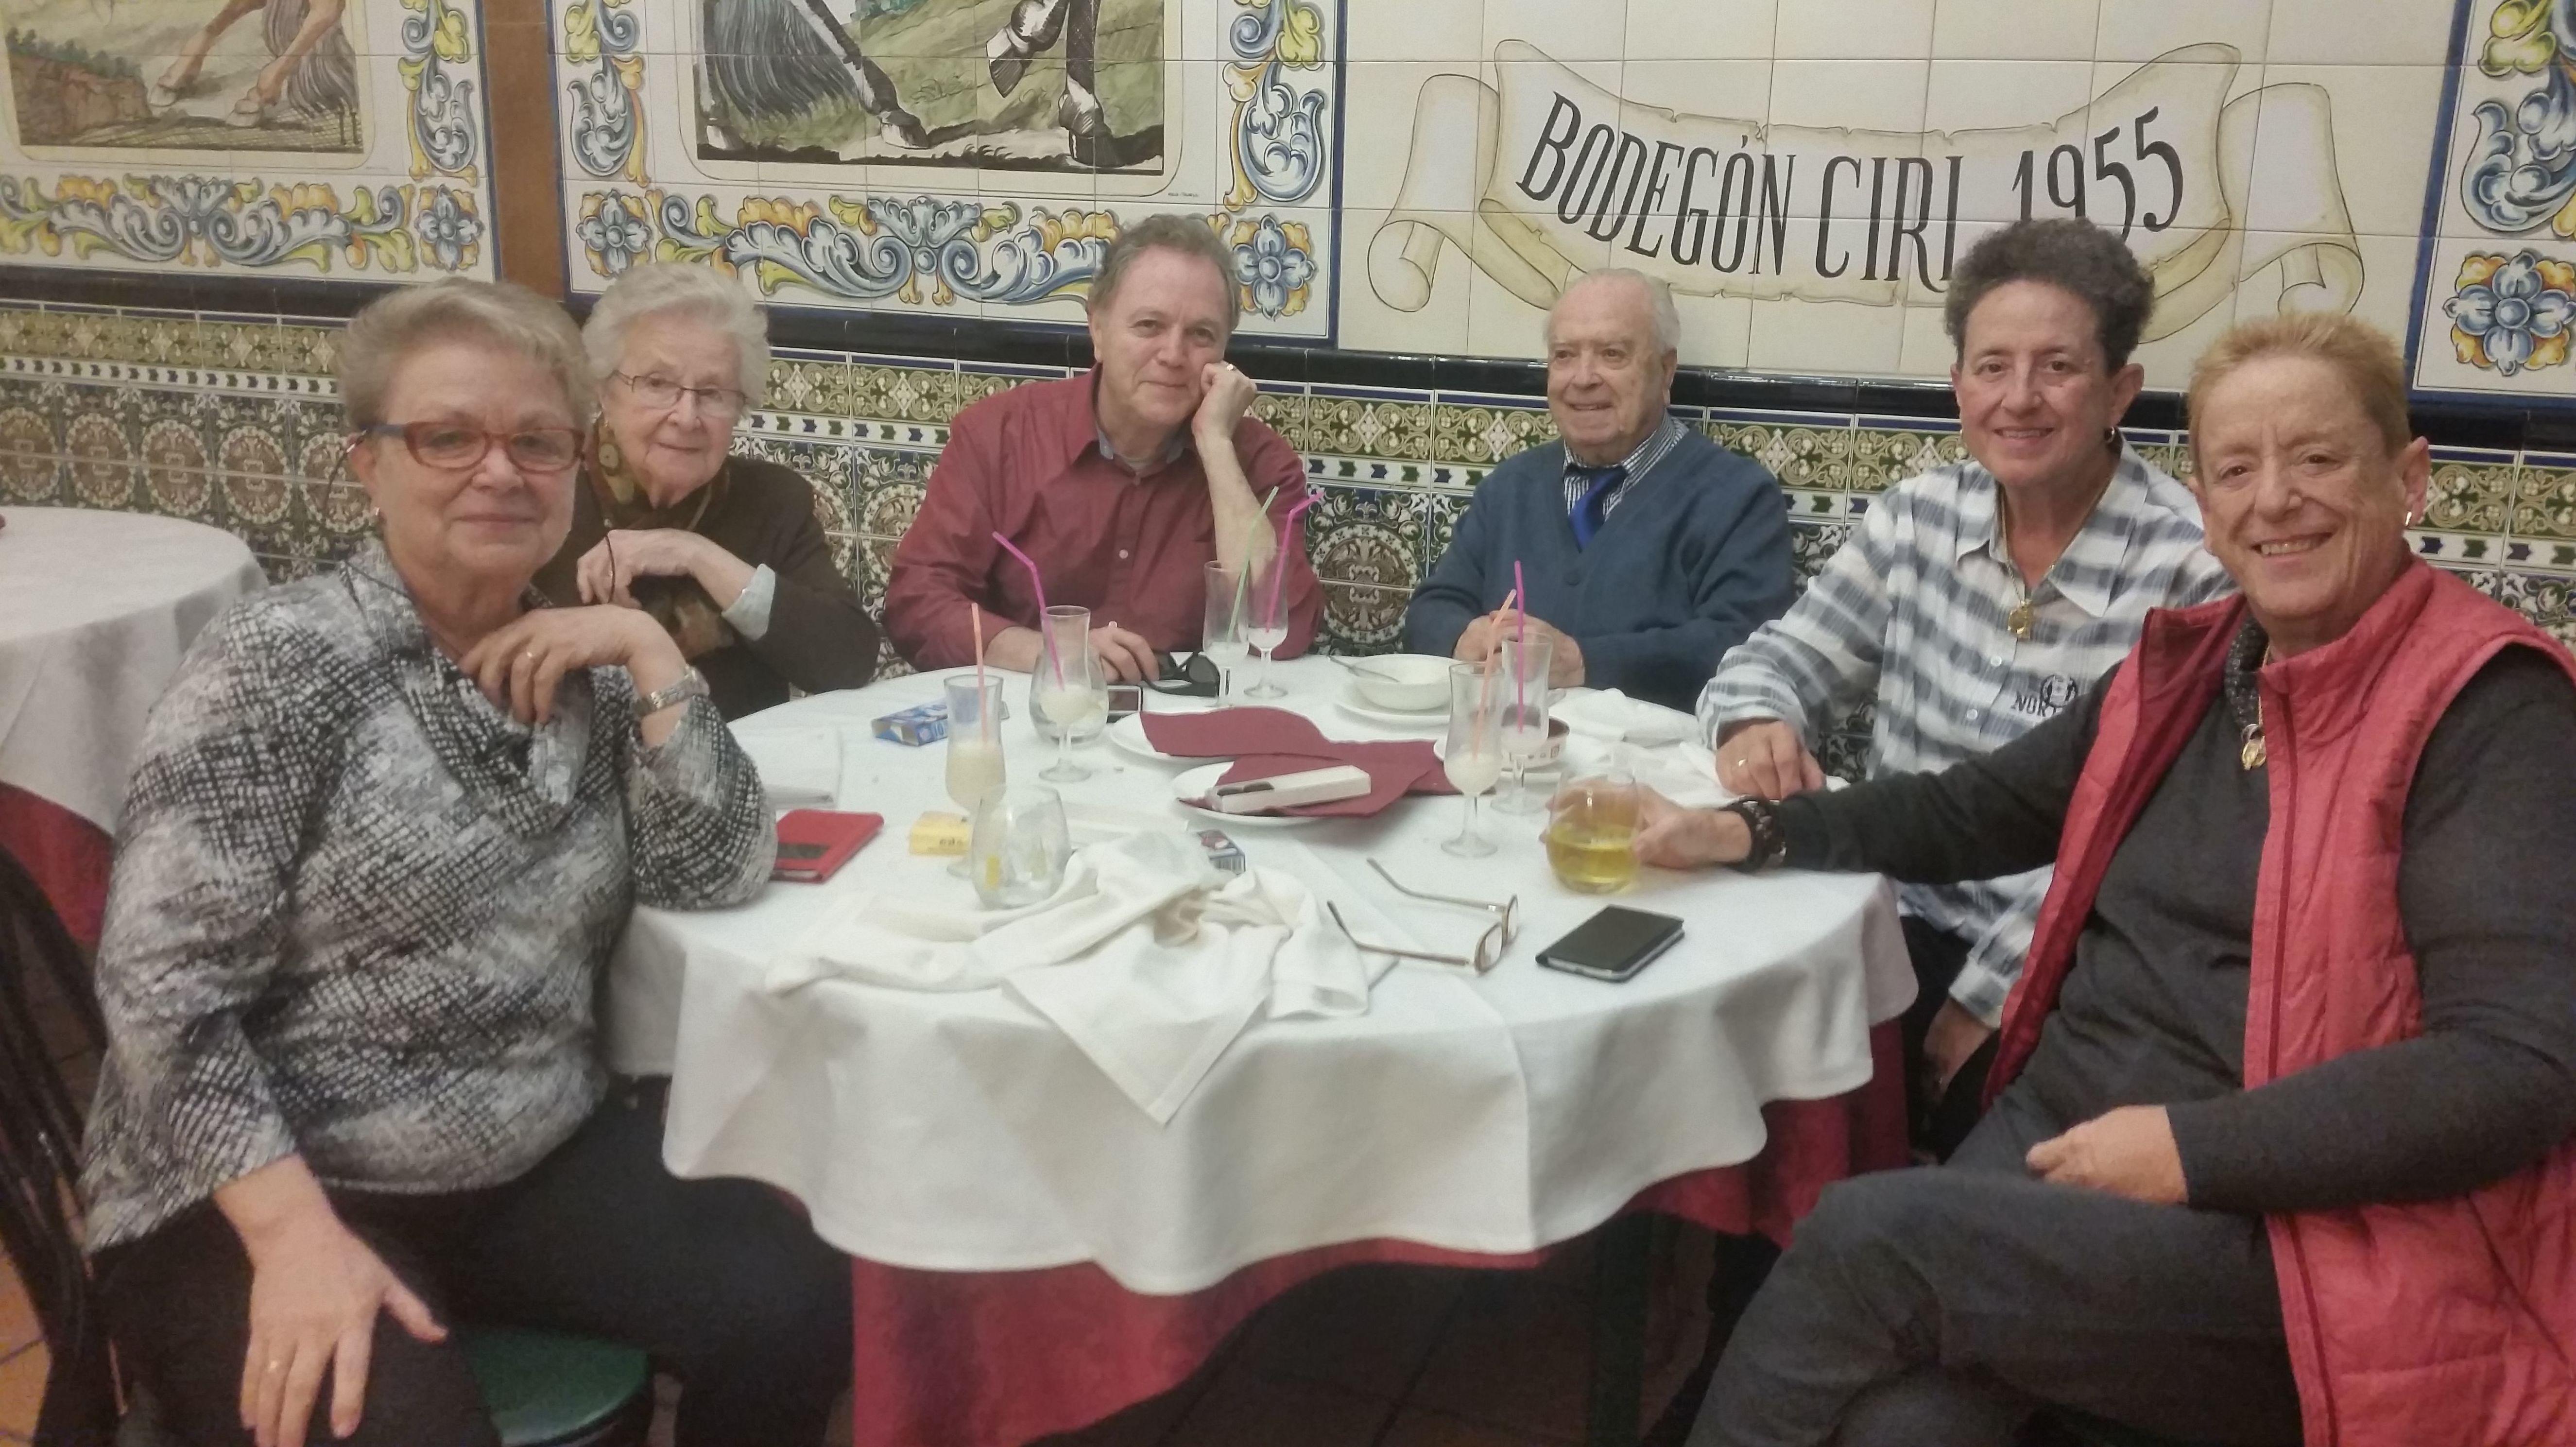 Marisol con sus padres y unos amigos, relajados y con una bonita sonrisa después de una comida opipara